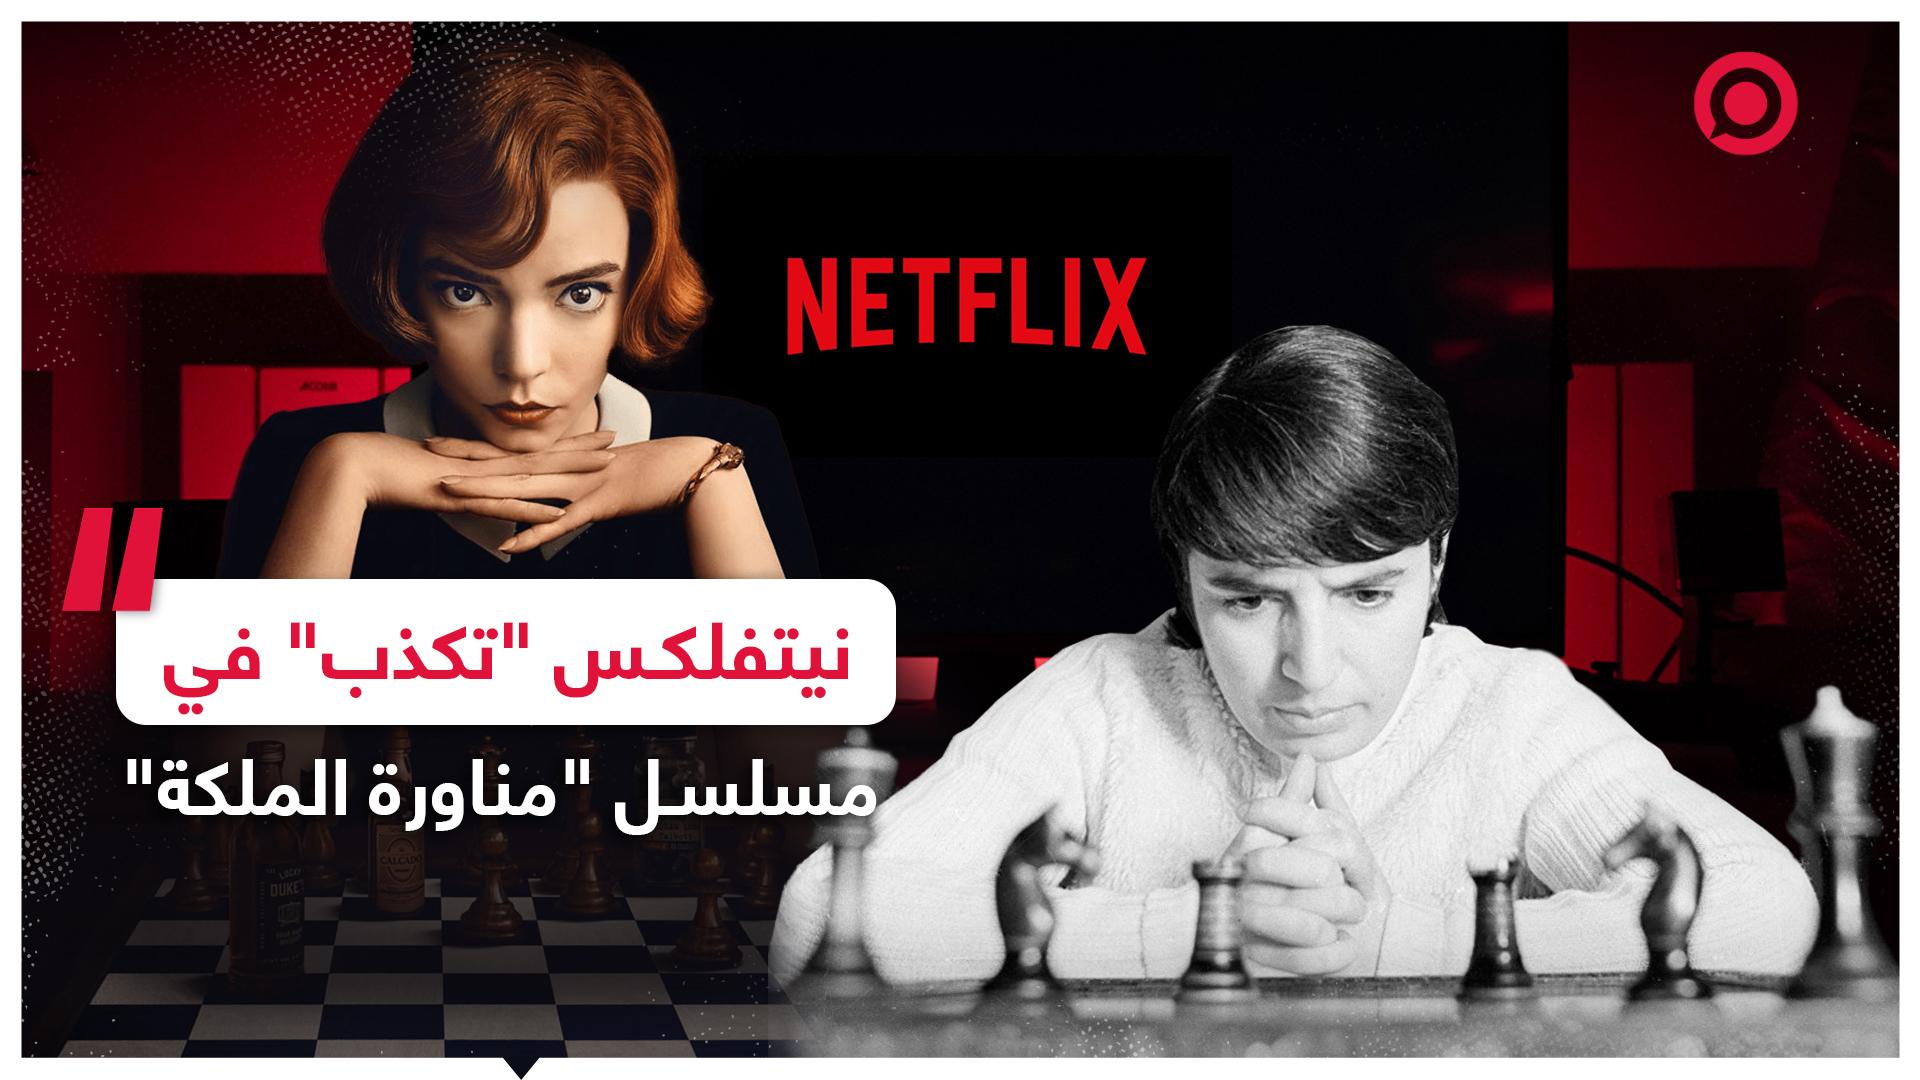 #شطرنج #نيتفليكس